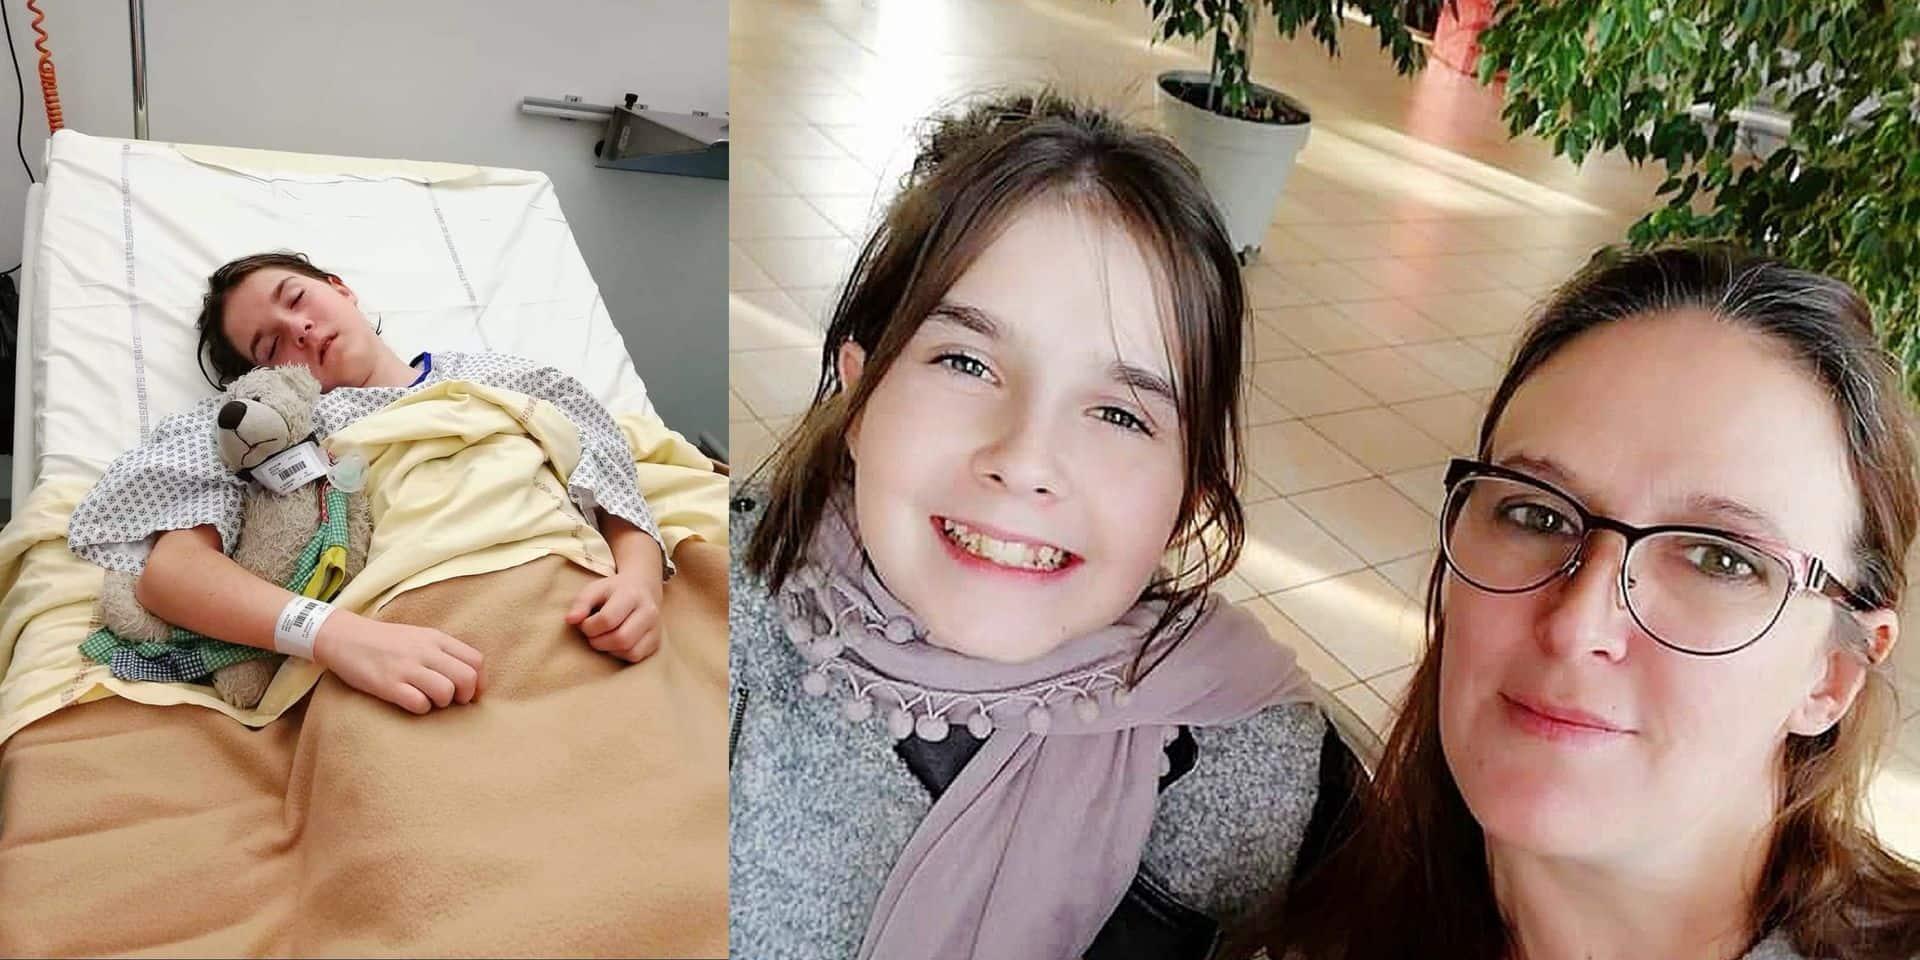 Il reste deux semaines pour trouver 5.000 €, sa banque lui refuse un crédit : l'opération de la dernière chance pour Priscilla, 14 ans, atteinte d'une maladie rare